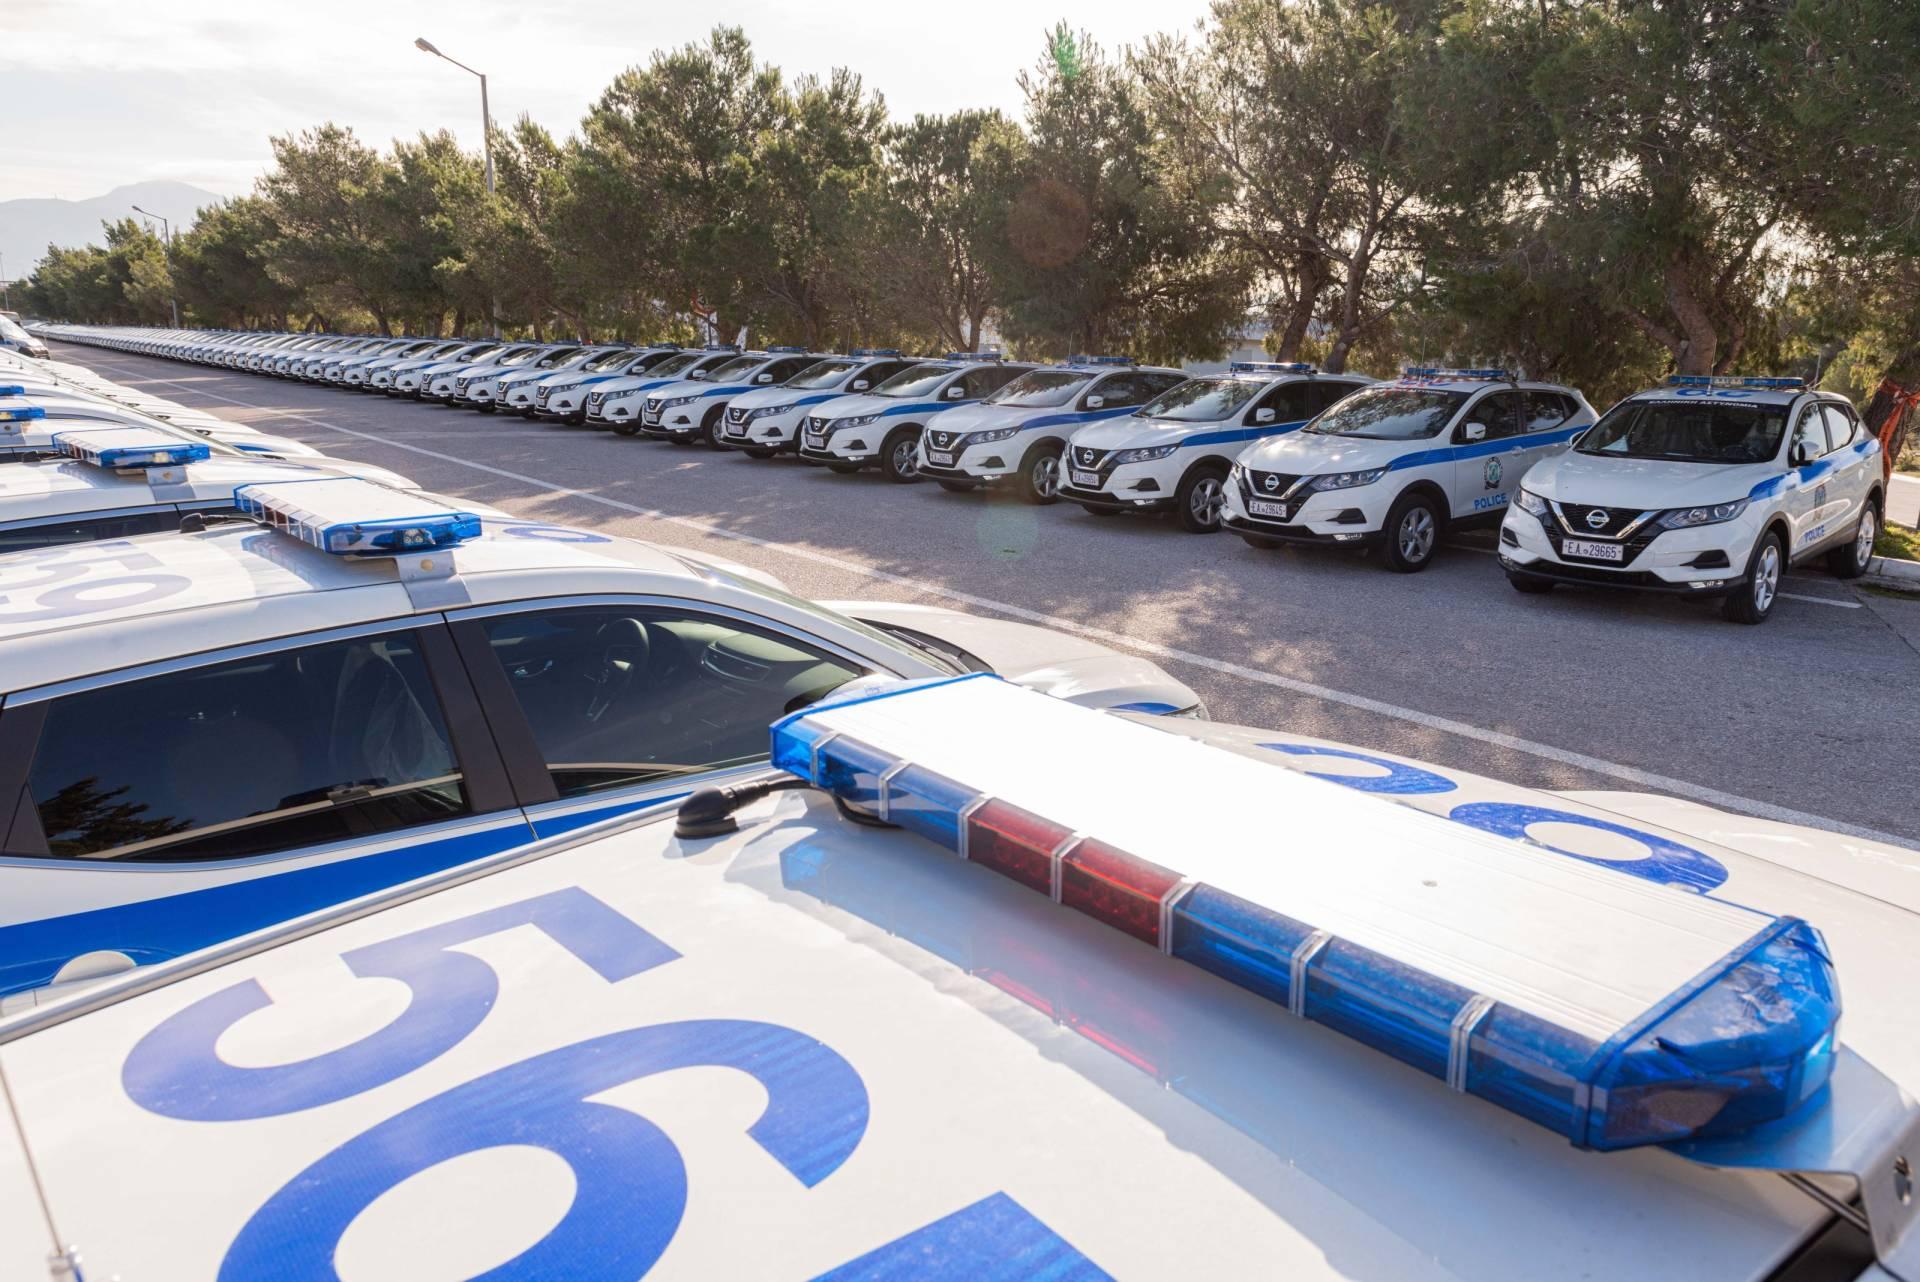 Η Αστυνομία εξοπλίζεται με αυτοκίνητα και συσκευές από την Πολιτική Συνοχής